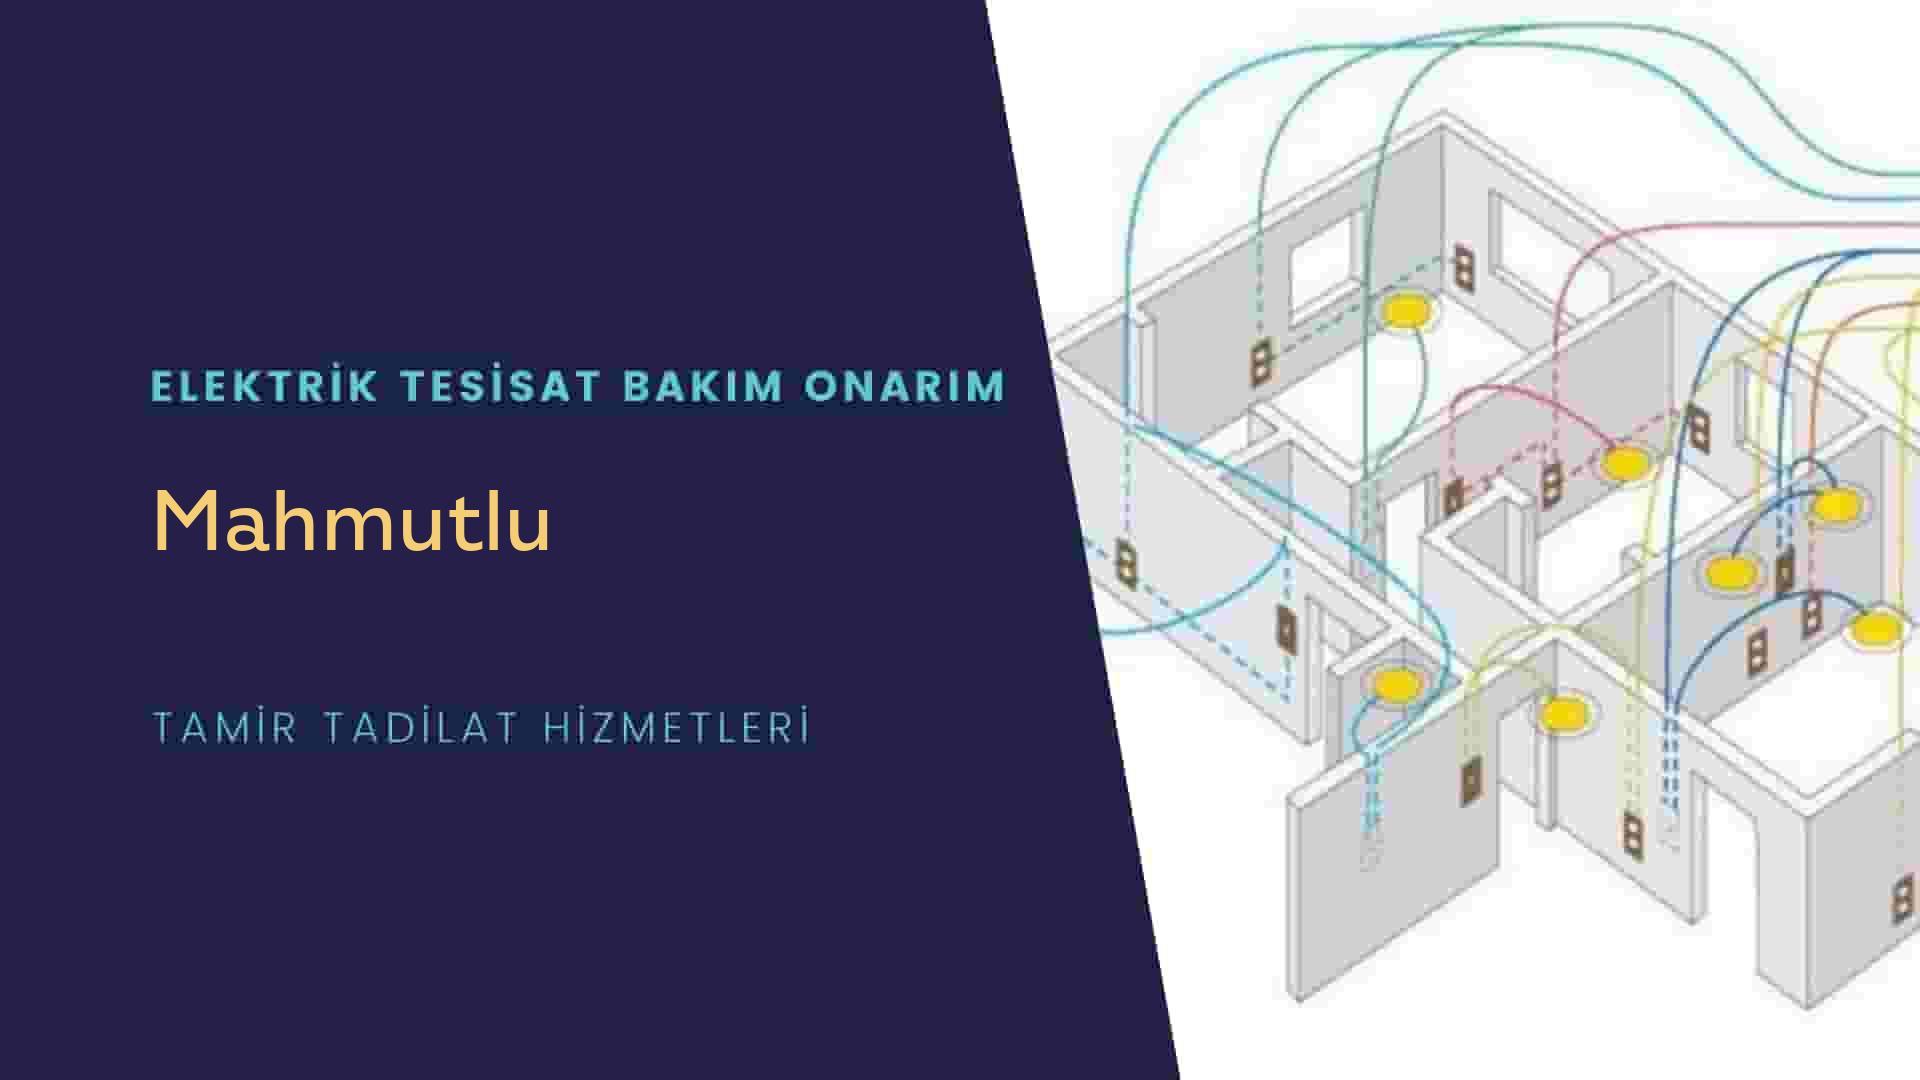 Mahmutlu'da elektrik tesisatıustalarımı arıyorsunuz doğru adrestenizi Mahmutlu elektrik tesisatı ustalarımız 7/24 sizlere hizmet vermekten mutluluk duyar.